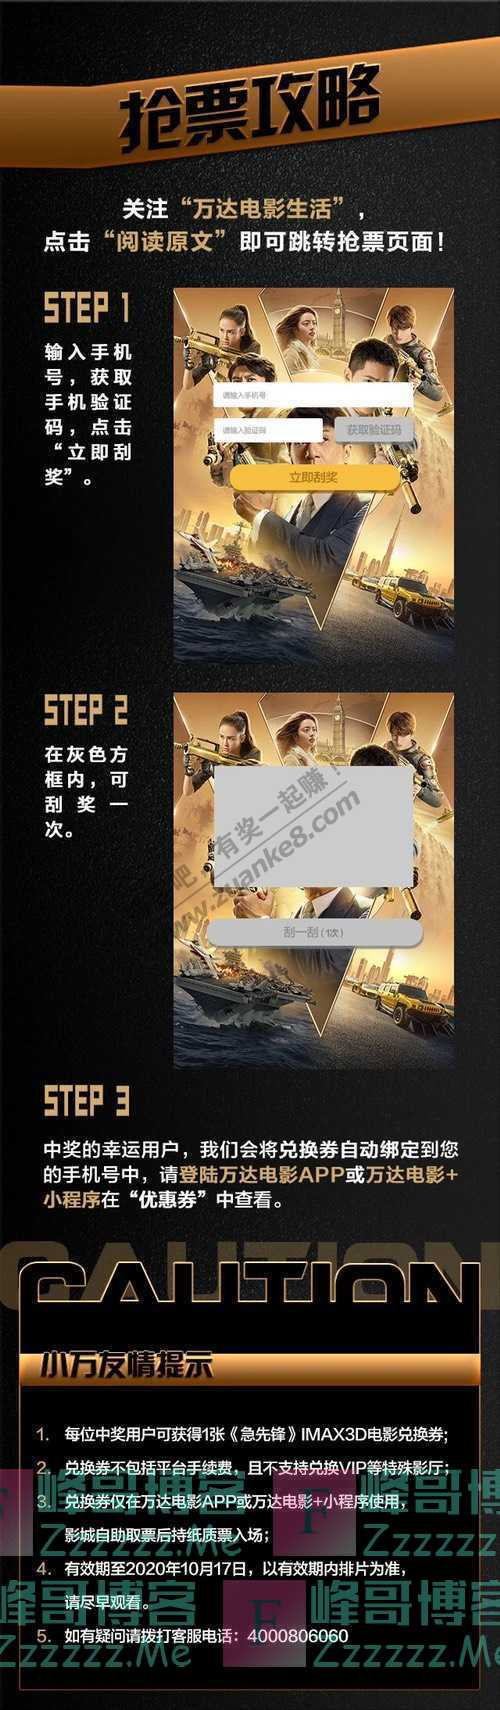 万达电影生活送票100张IMAX丨从影半个世纪,成龙还在拼命(10月17日截止)